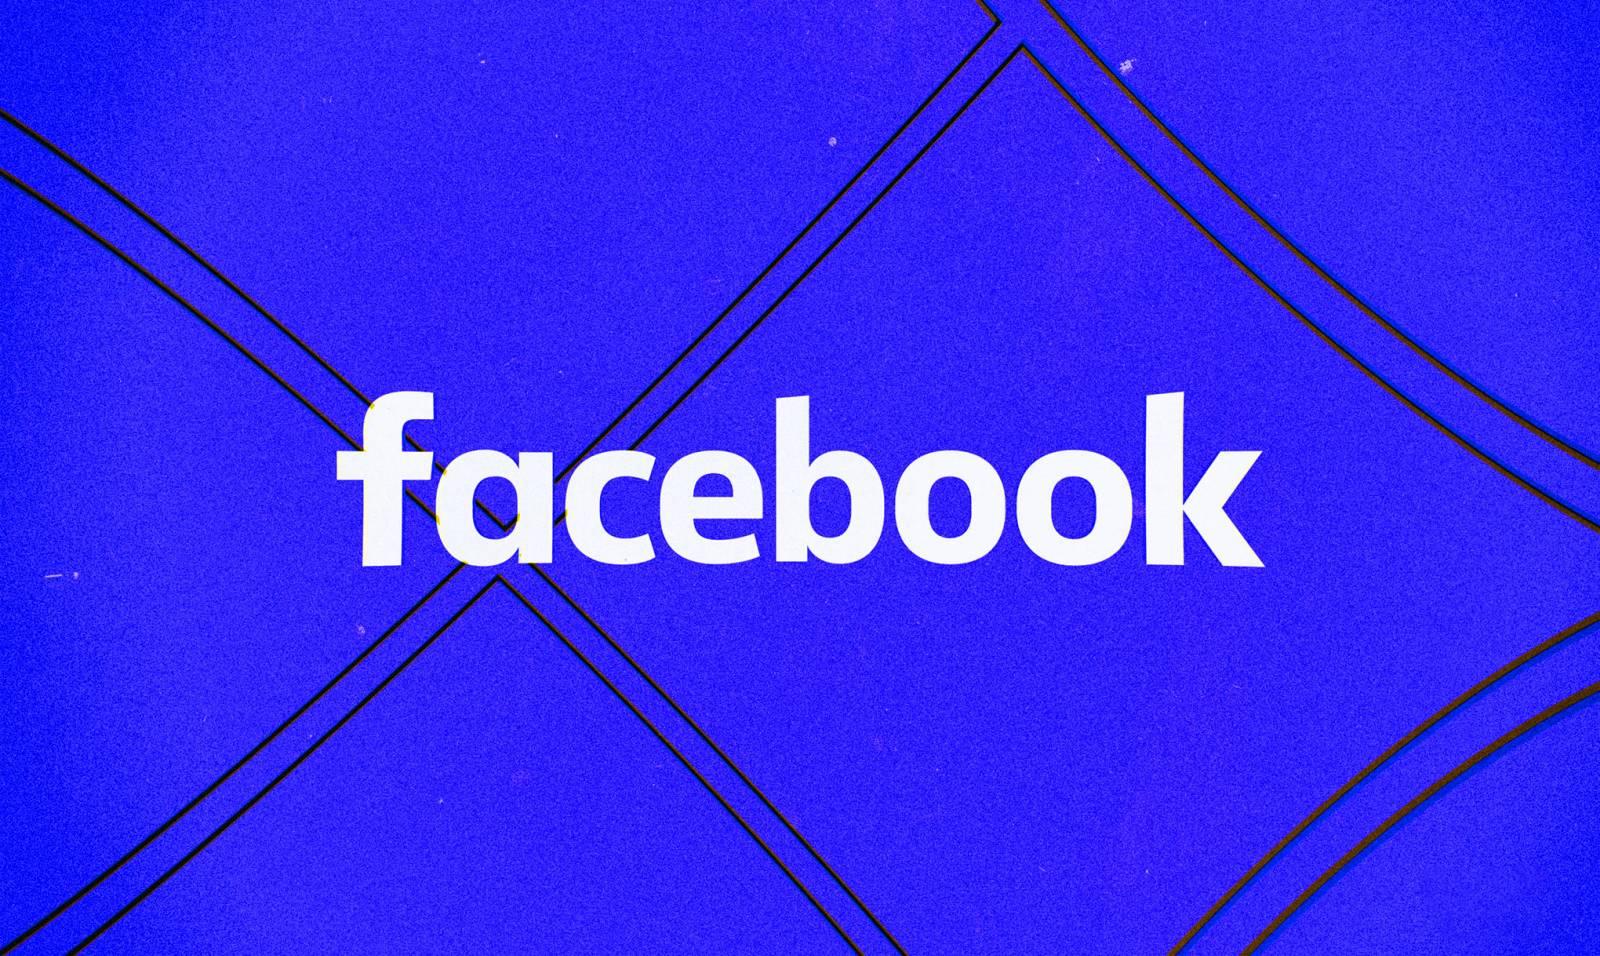 Facebook Noul Update Lansat, ce Schimbari Aduce pentru Telefoane